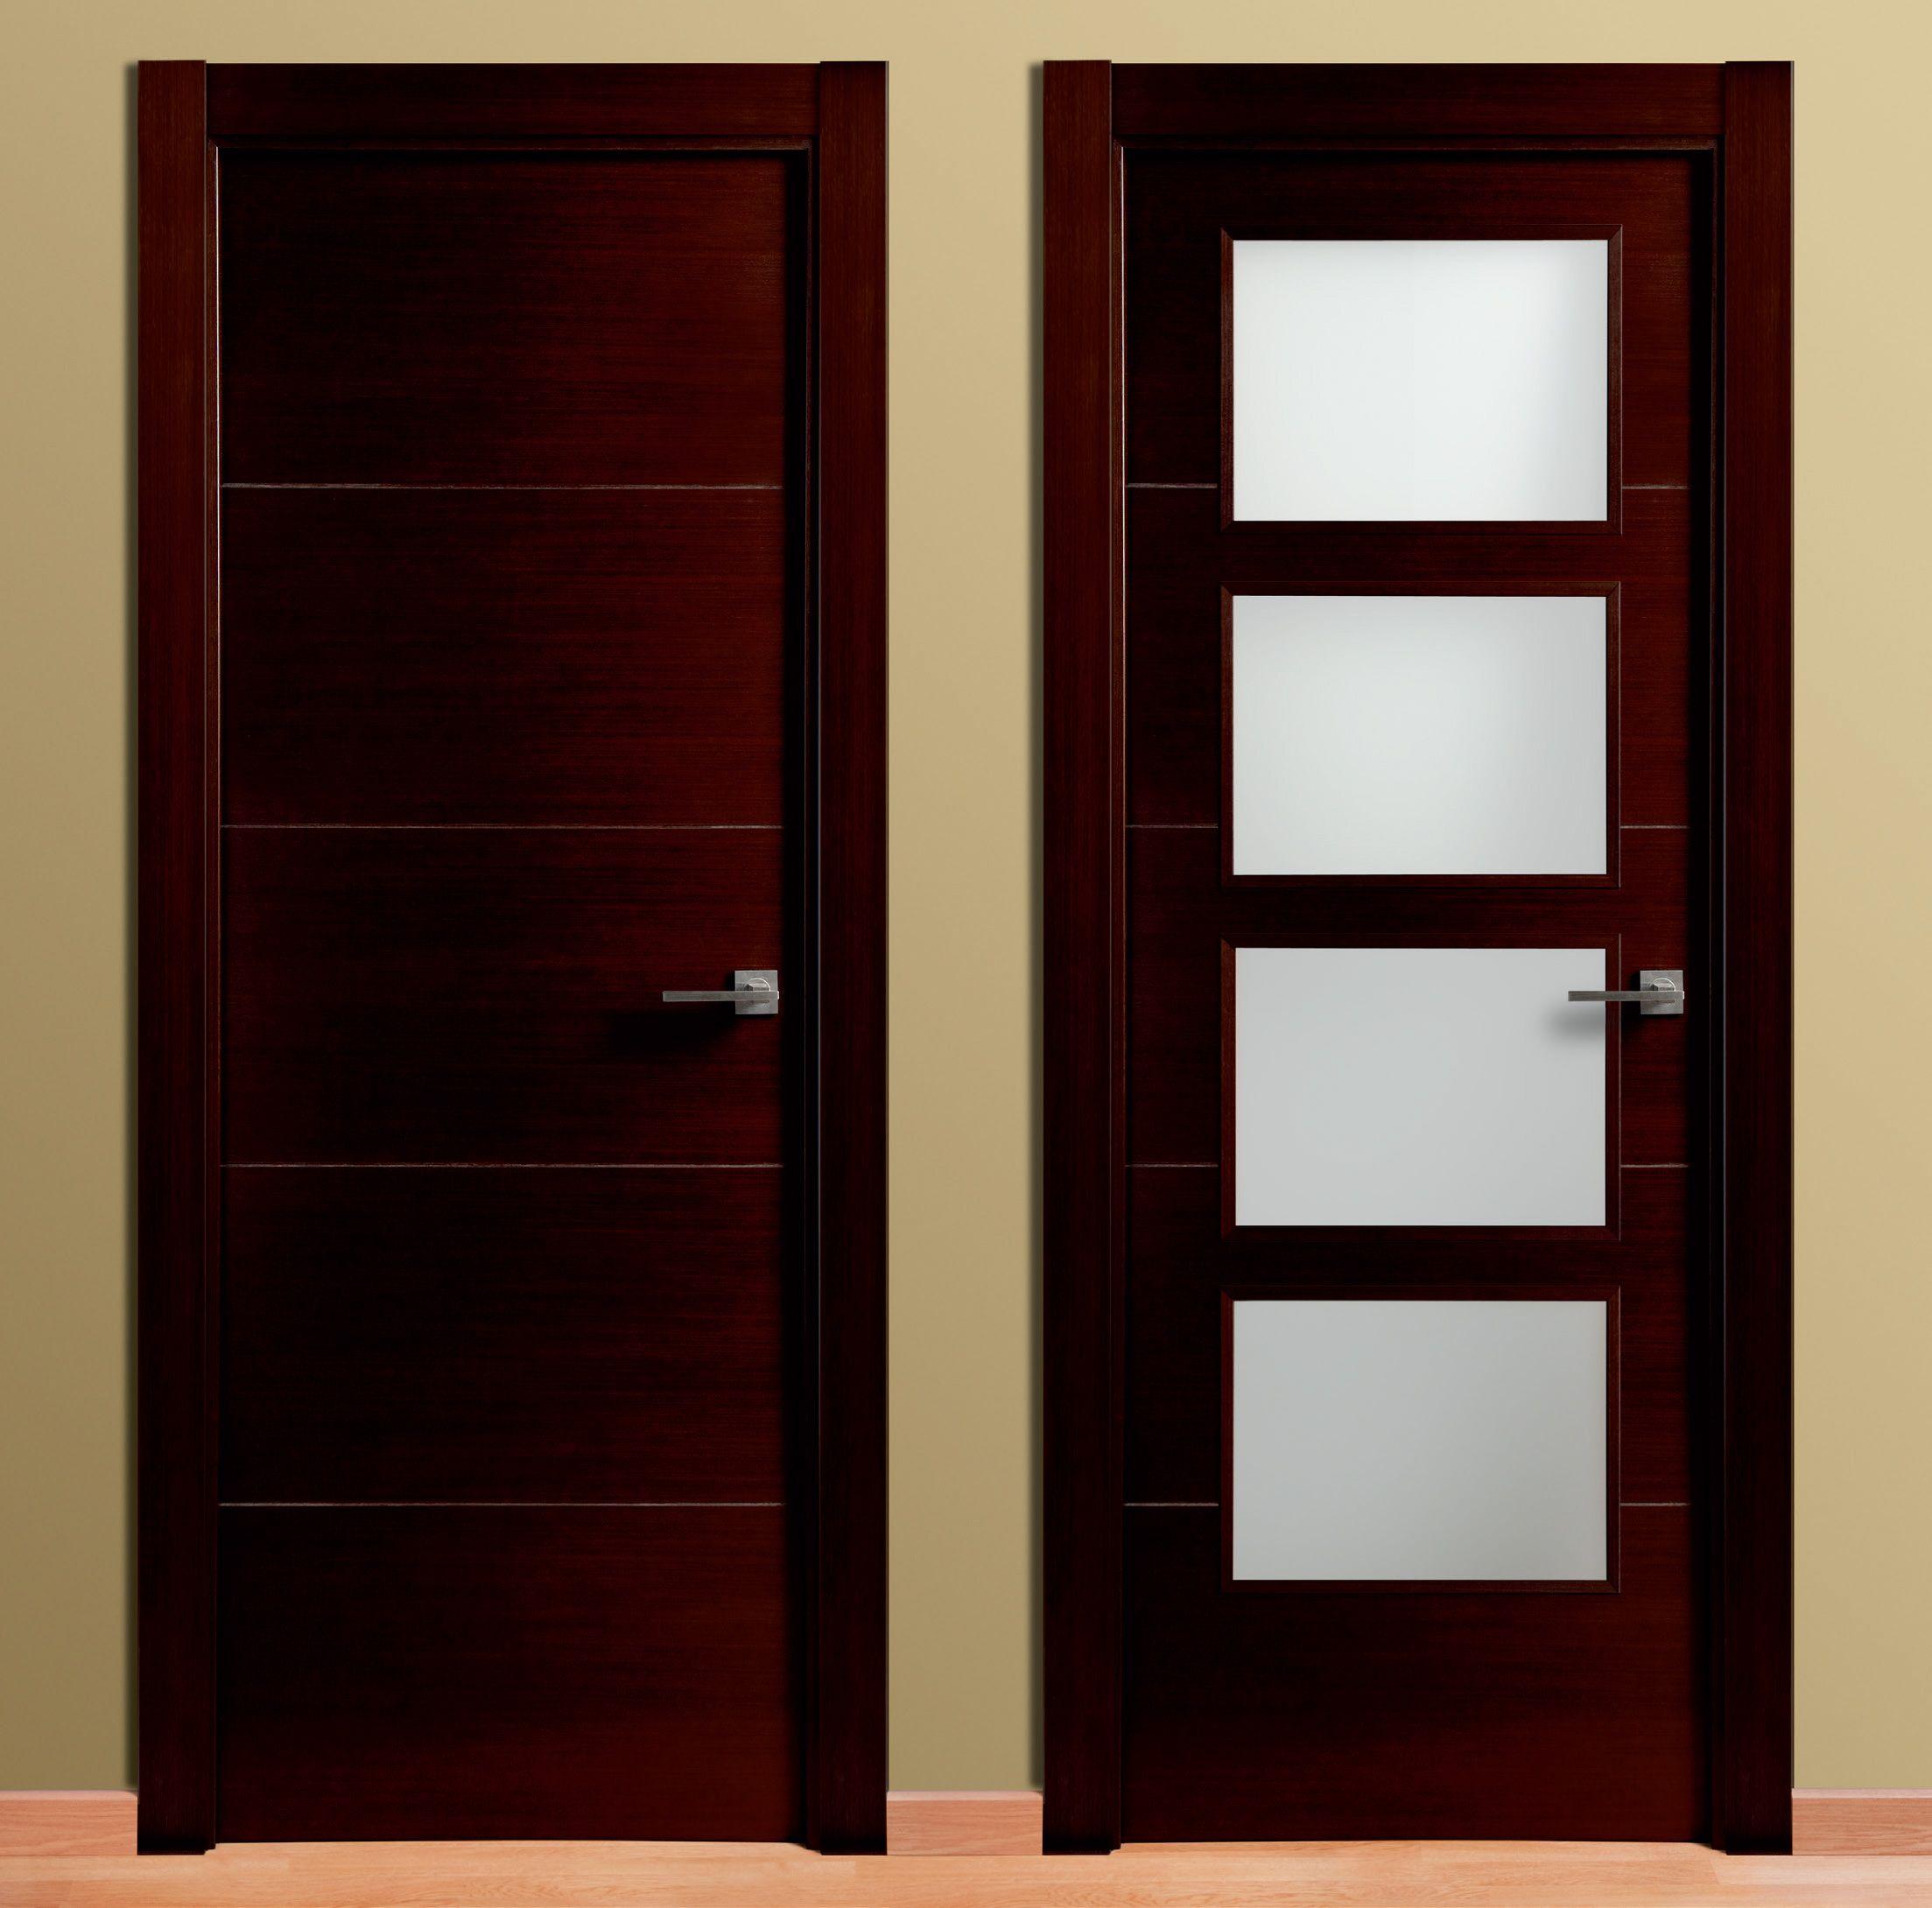 Puerta 4 ranuras en madera puertas carsal socios aitim for Modelos de puertas principales